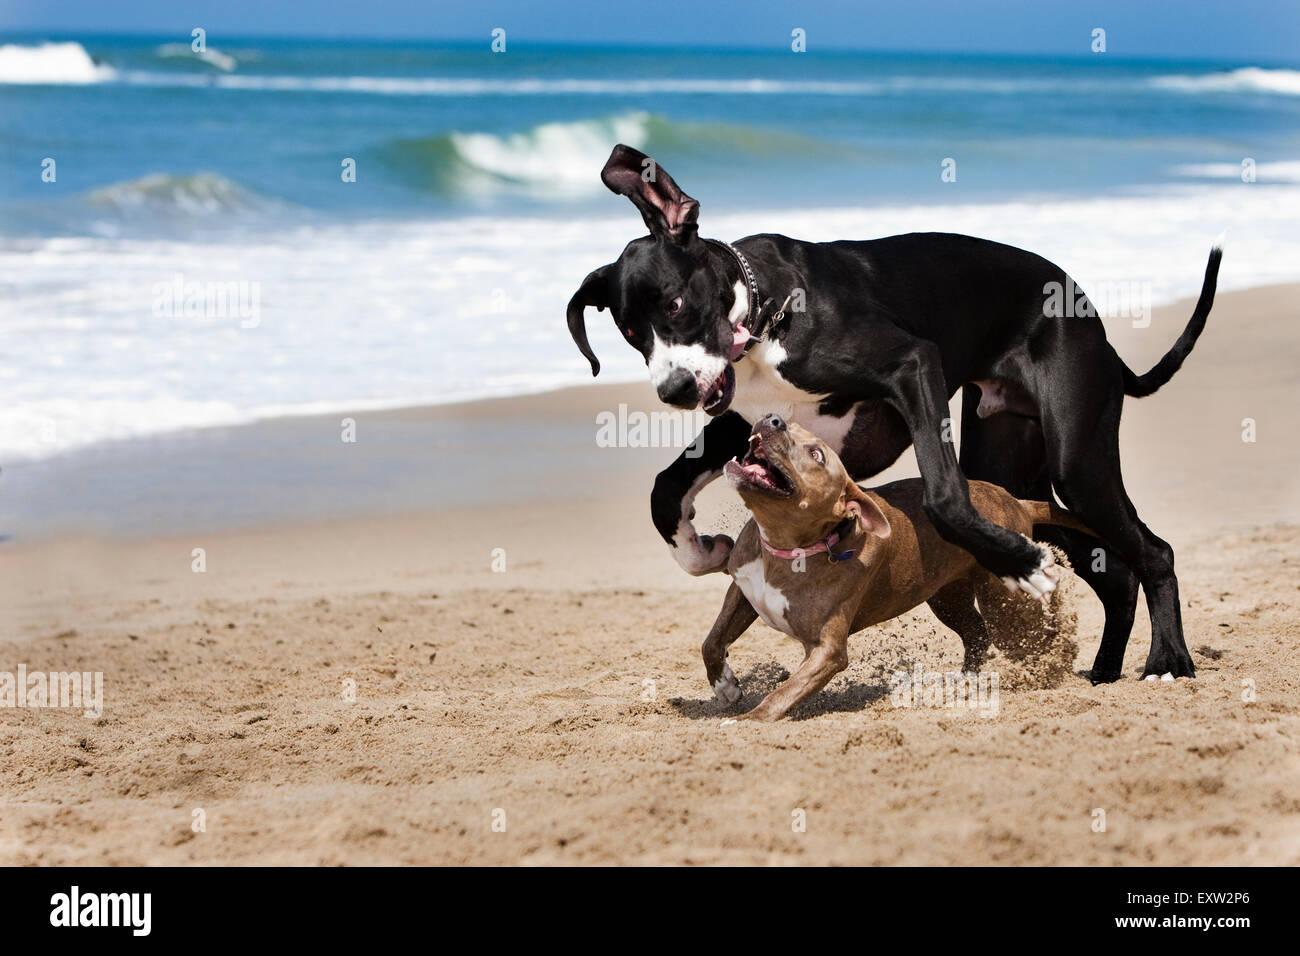 Gran Danes y Pitbull correr y jugar duro en la playa Imagen De Stock